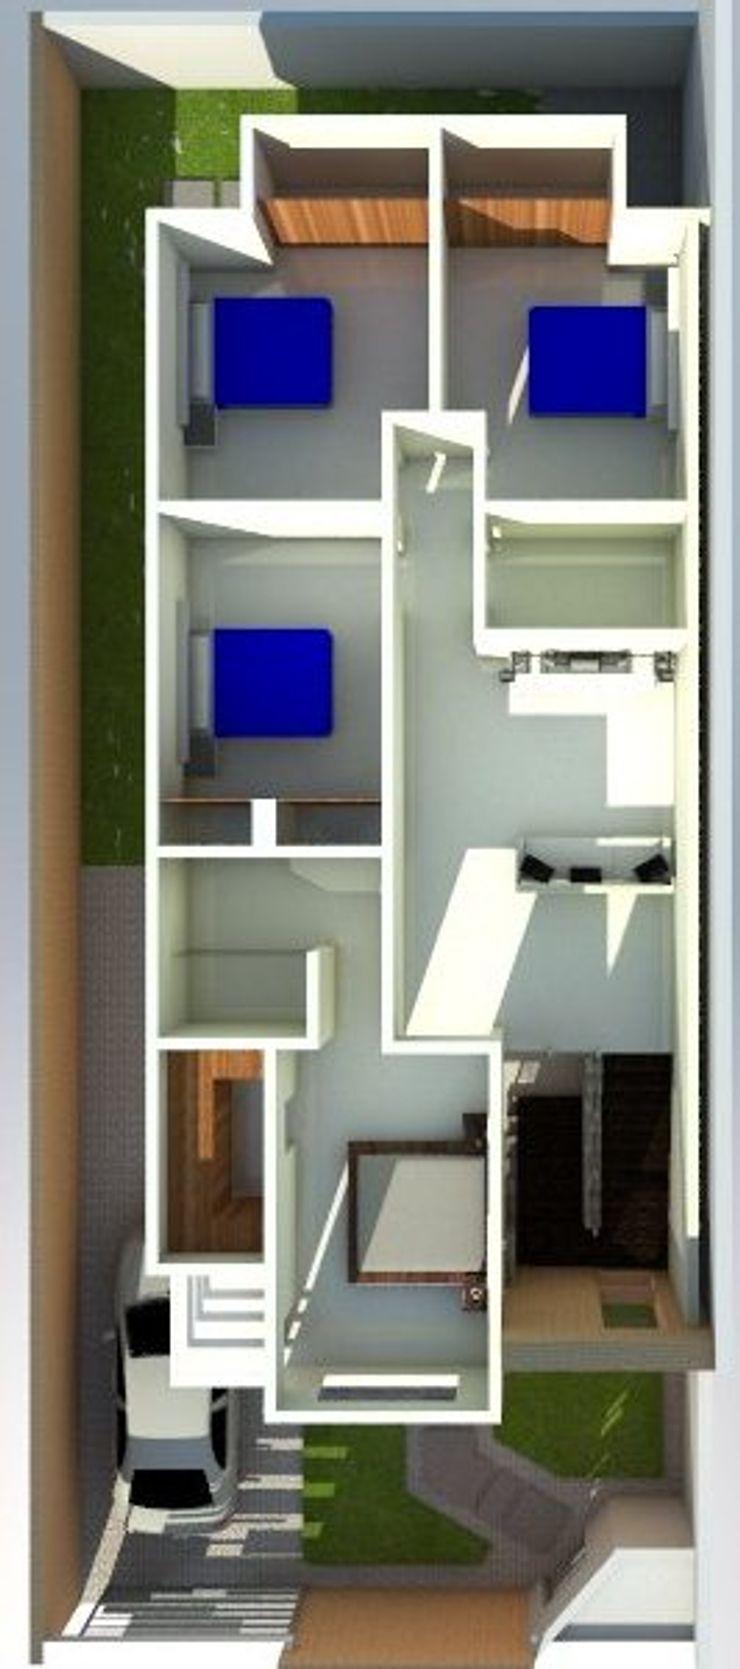 de vivienda unifamiliar FAMILIA SANABRIA 3R. ARQUITECTURA Cuartos de estilo ecléctico Cerámica Blanco